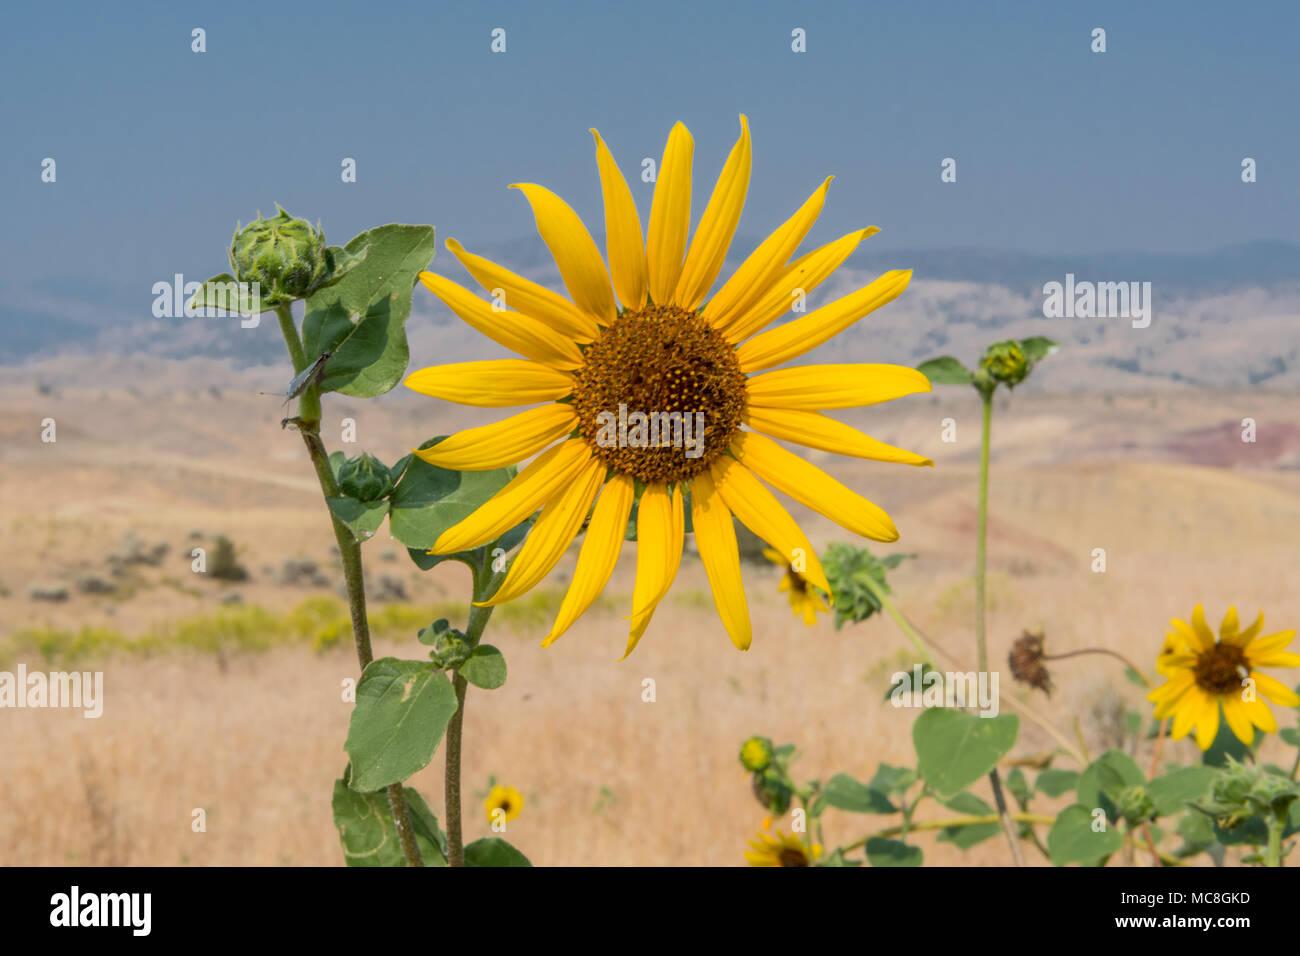 Sunflower in the Desert on sunny summer day - Stock Image